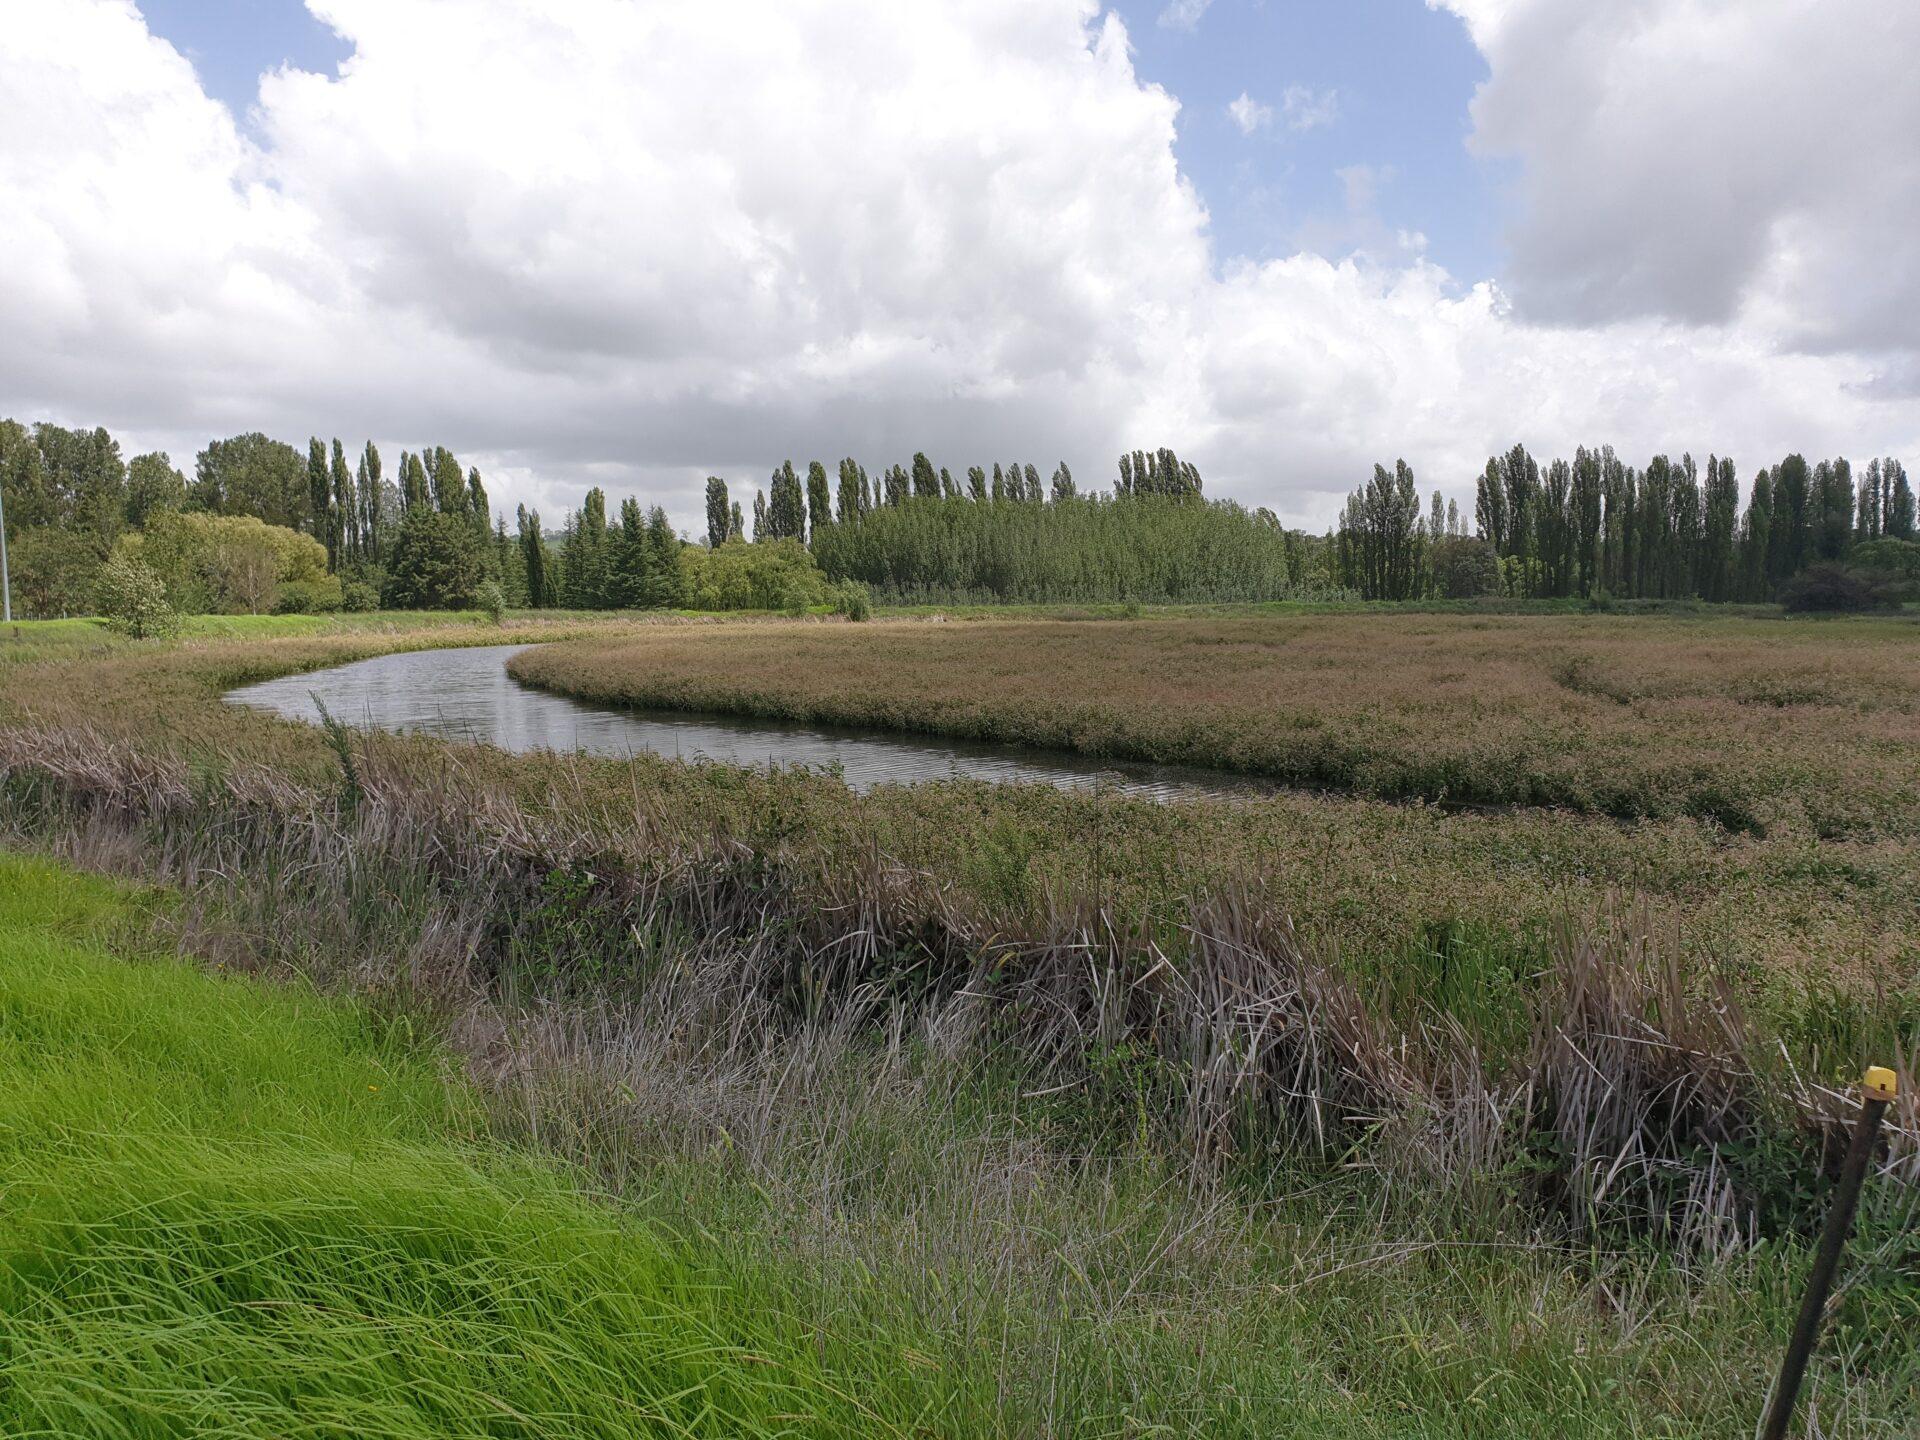 Lake Zot February 2020 After Rain